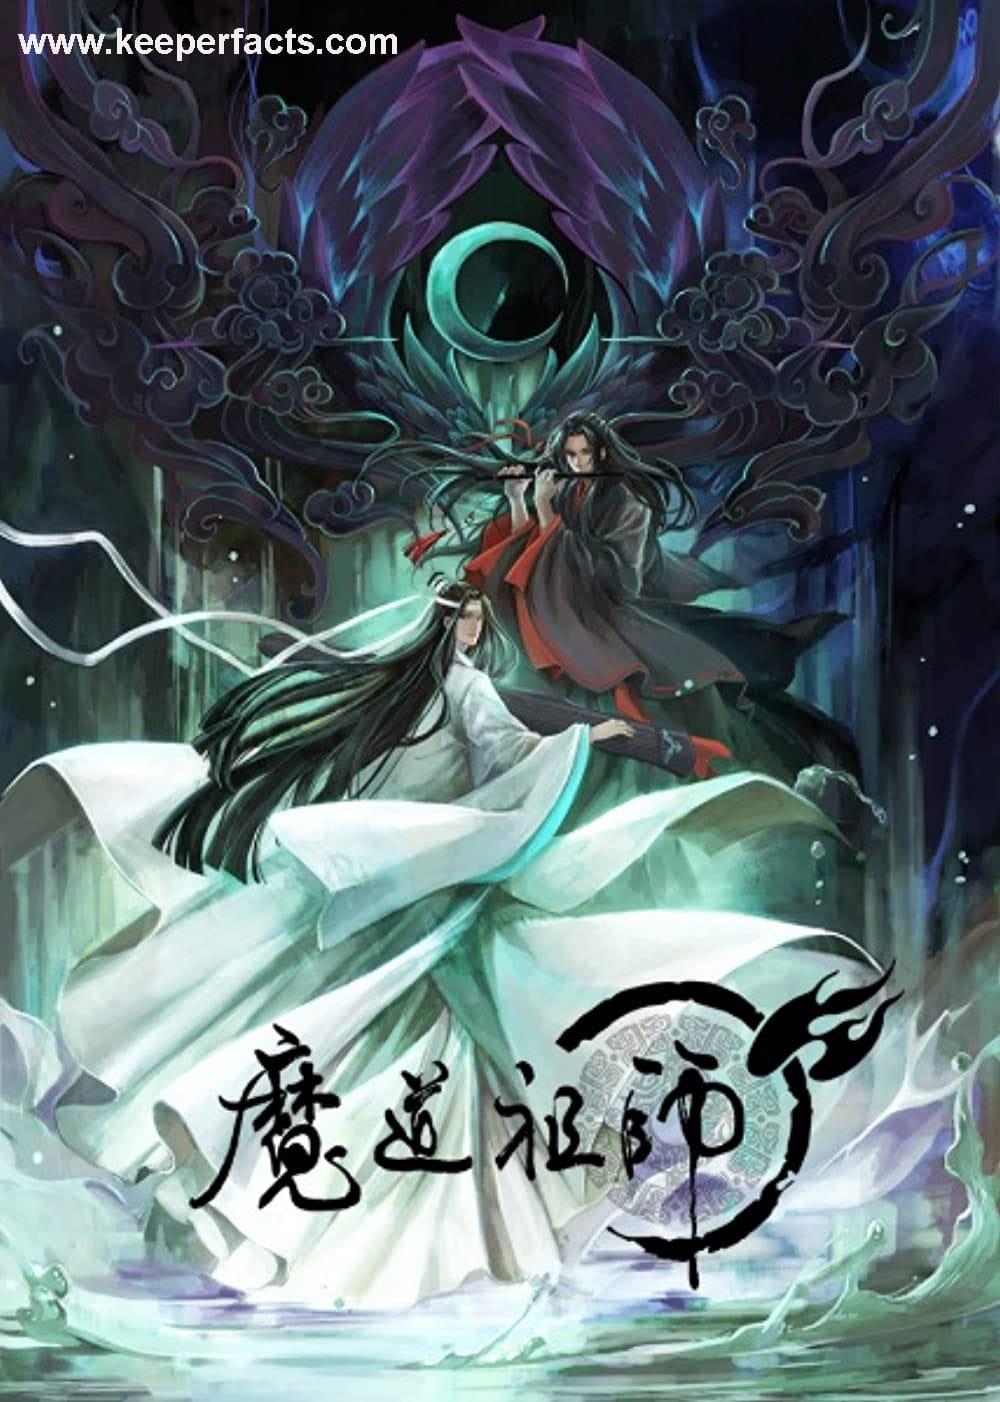 mo doa zu shi season 3